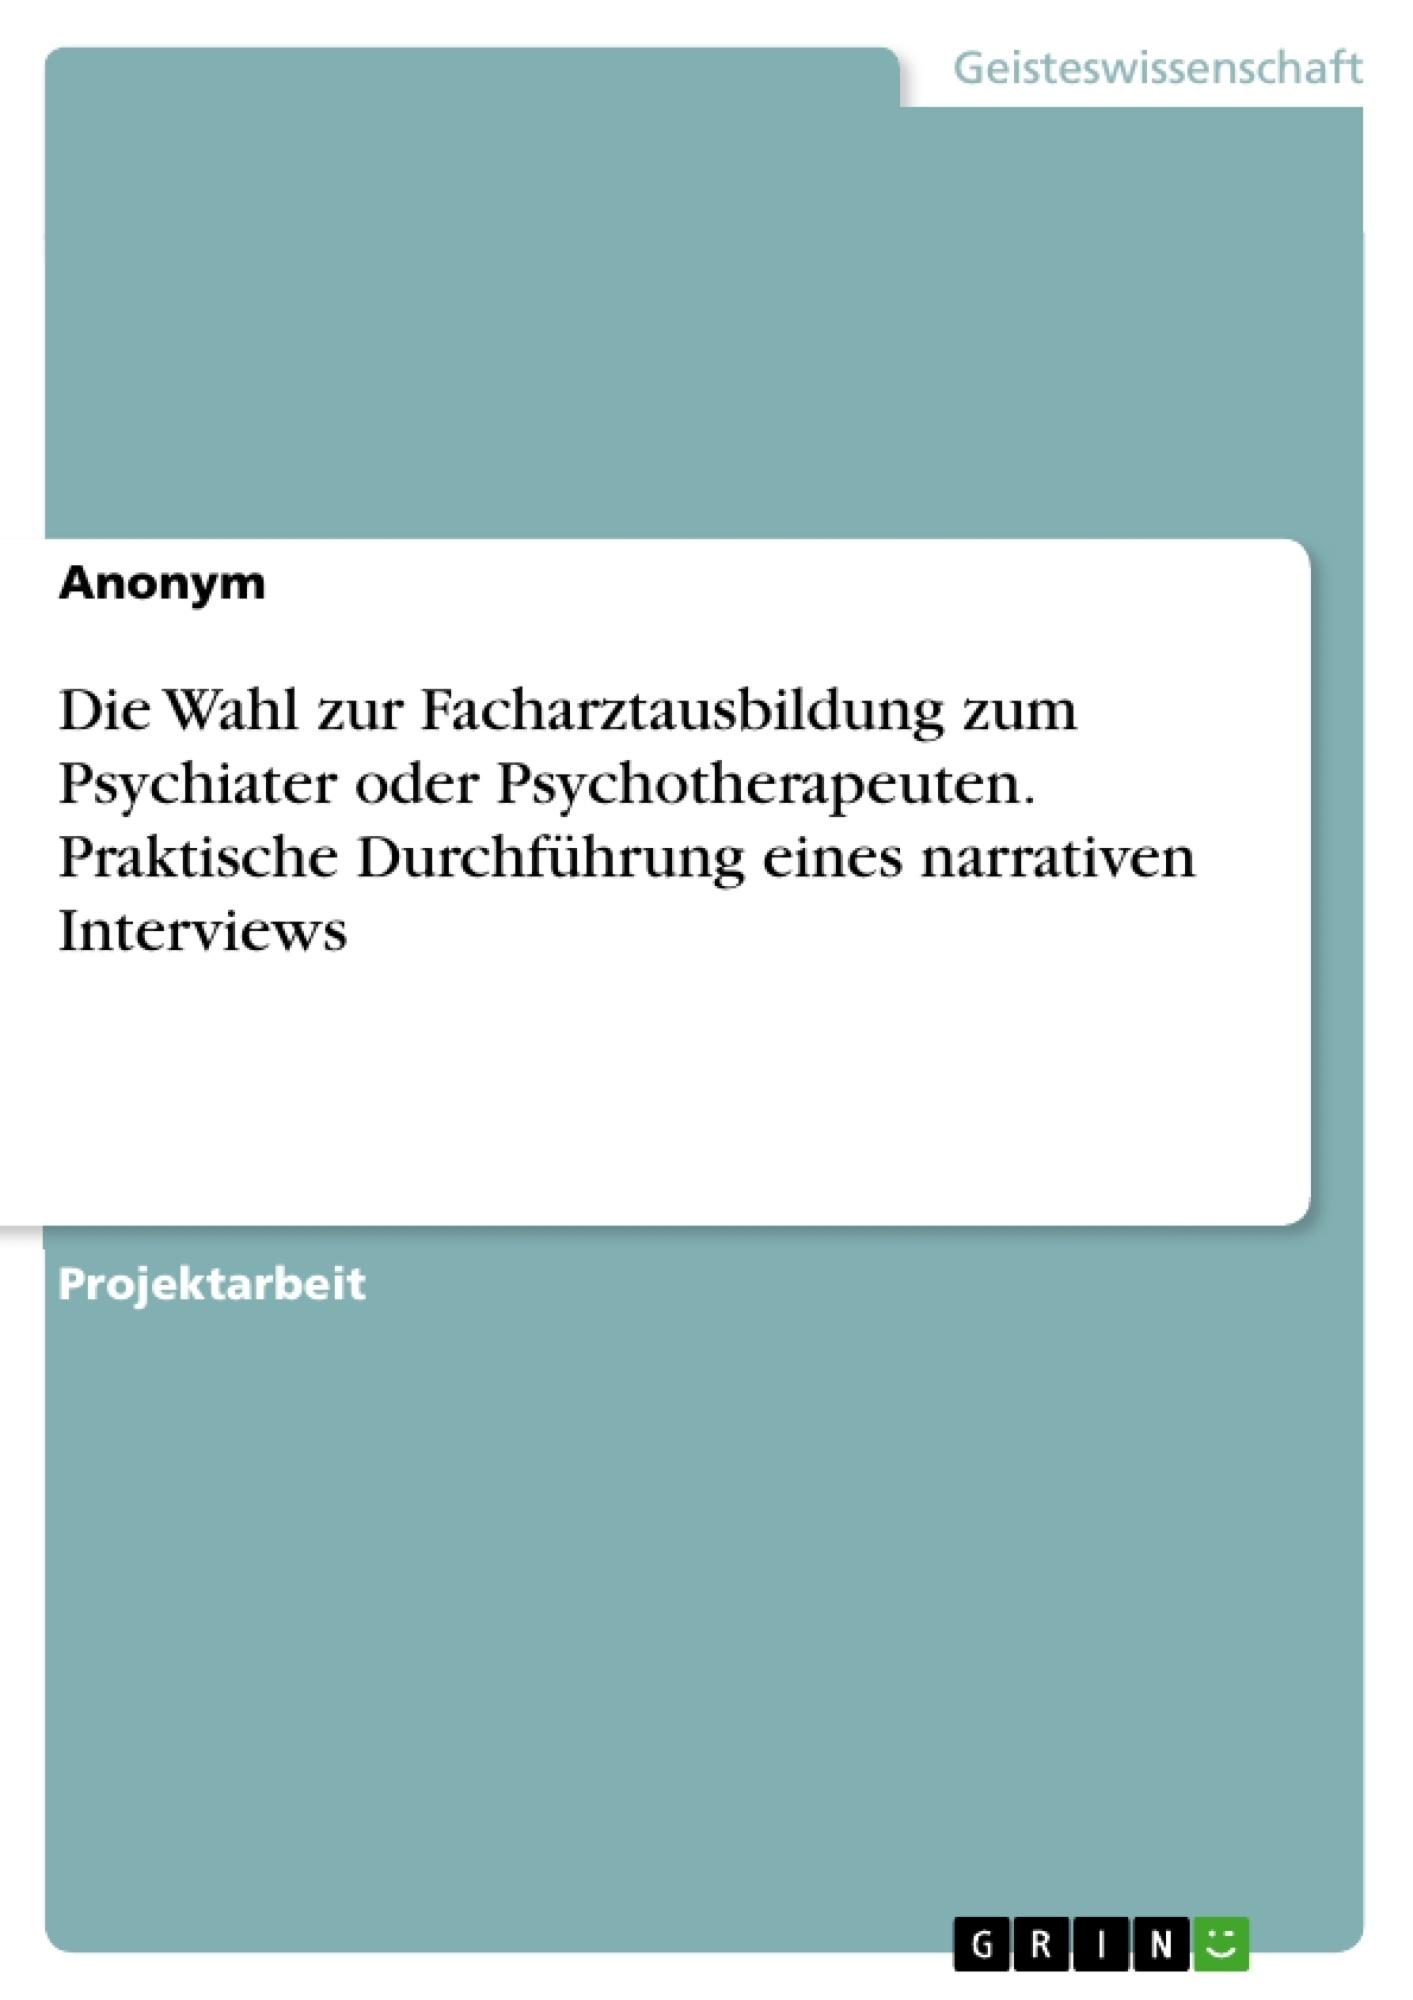 Titel: Die Wahl zur Facharztausbildung zum Psychiater oder Psychotherapeuten. Praktische Durchführung eines narrativen Interviews